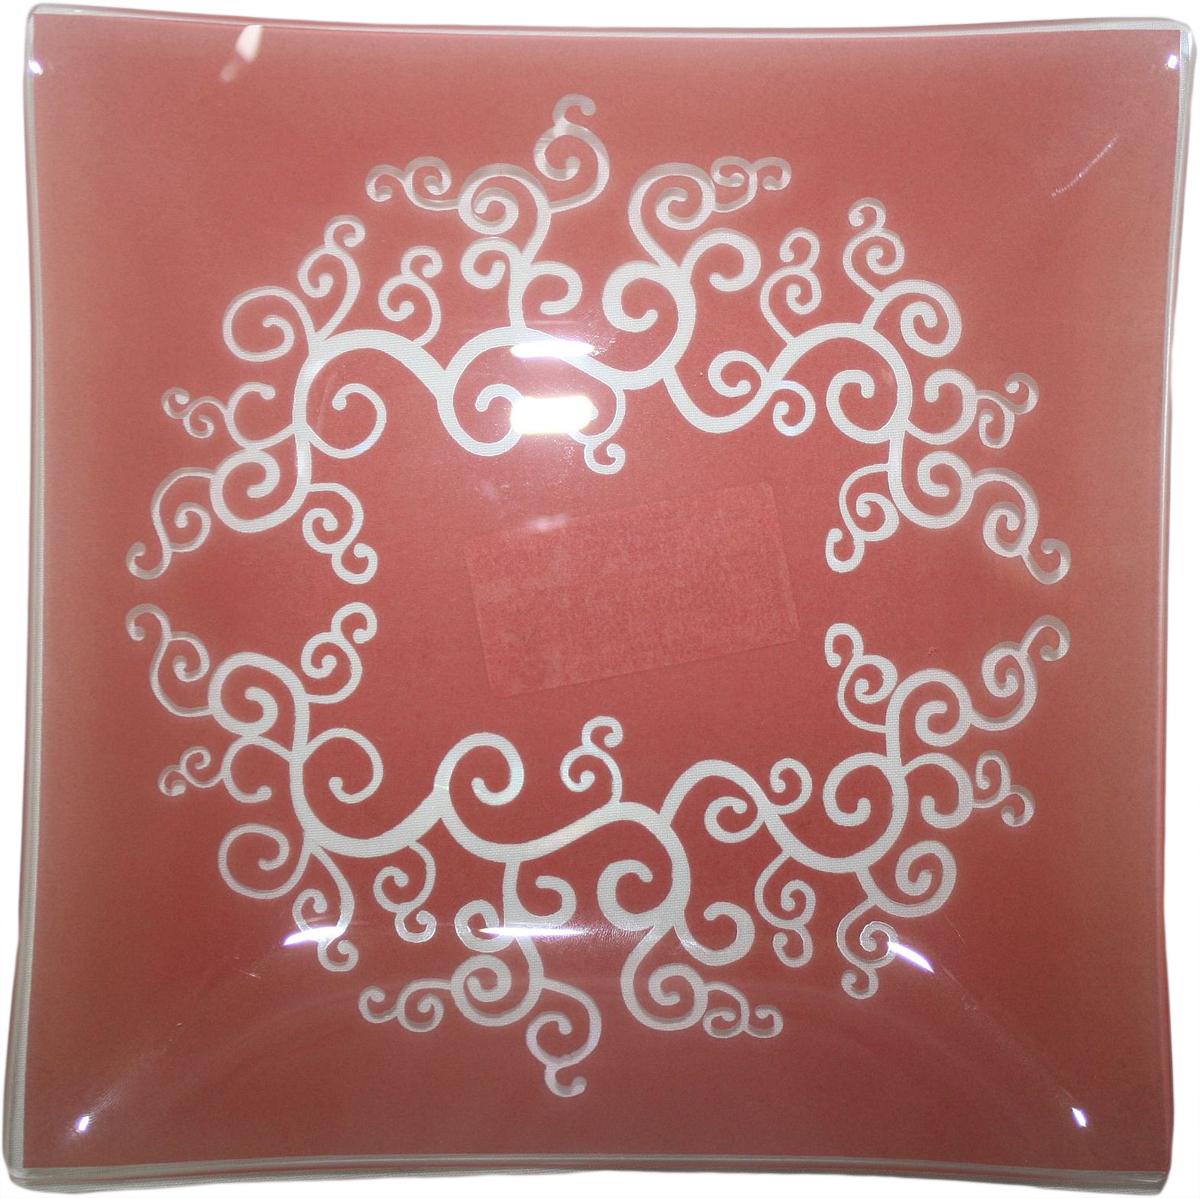 Тарелка десертная NiNaGlass Виктория, цвет: красный, диаметр 20 см85-200*200-030кТарелка NiNaGlass Виктория изготовлена из высококачественного стекла. Изделие декорировано оригинальным узором. Такая тарелка отлично подойдет в качестве блюда, она идеальна для сервировки закусок, нарезок, горячих блюд. Тарелка прекрасно дополнит сервировку стола и порадует вас оригинальным дизайном.